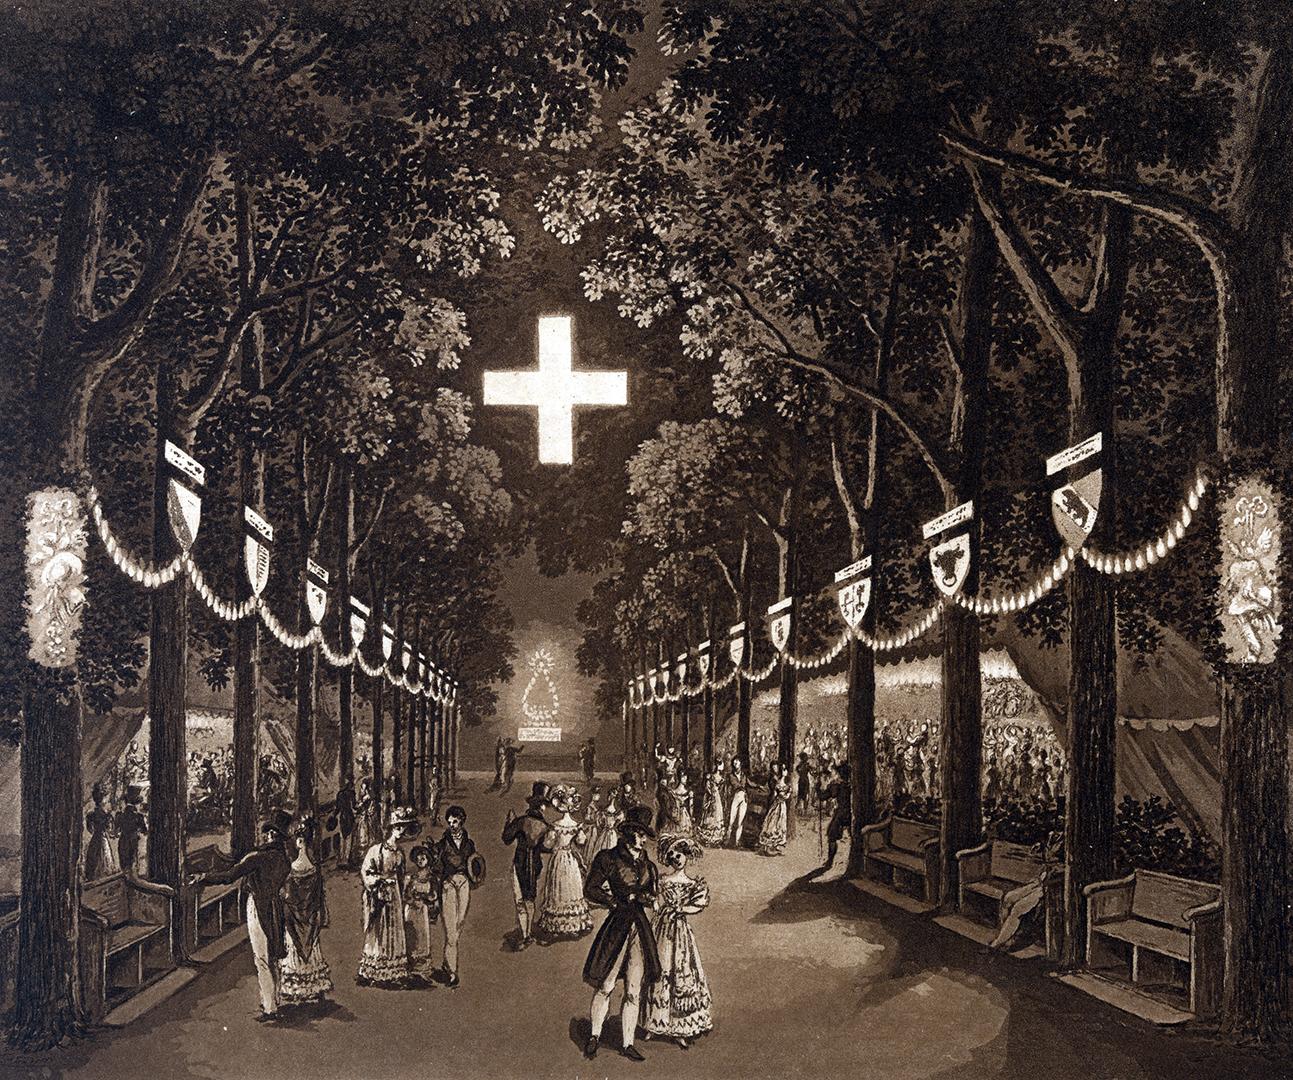 Fest auf der illuminierten Plattform-Promenade des Berner Münsters, 1827.